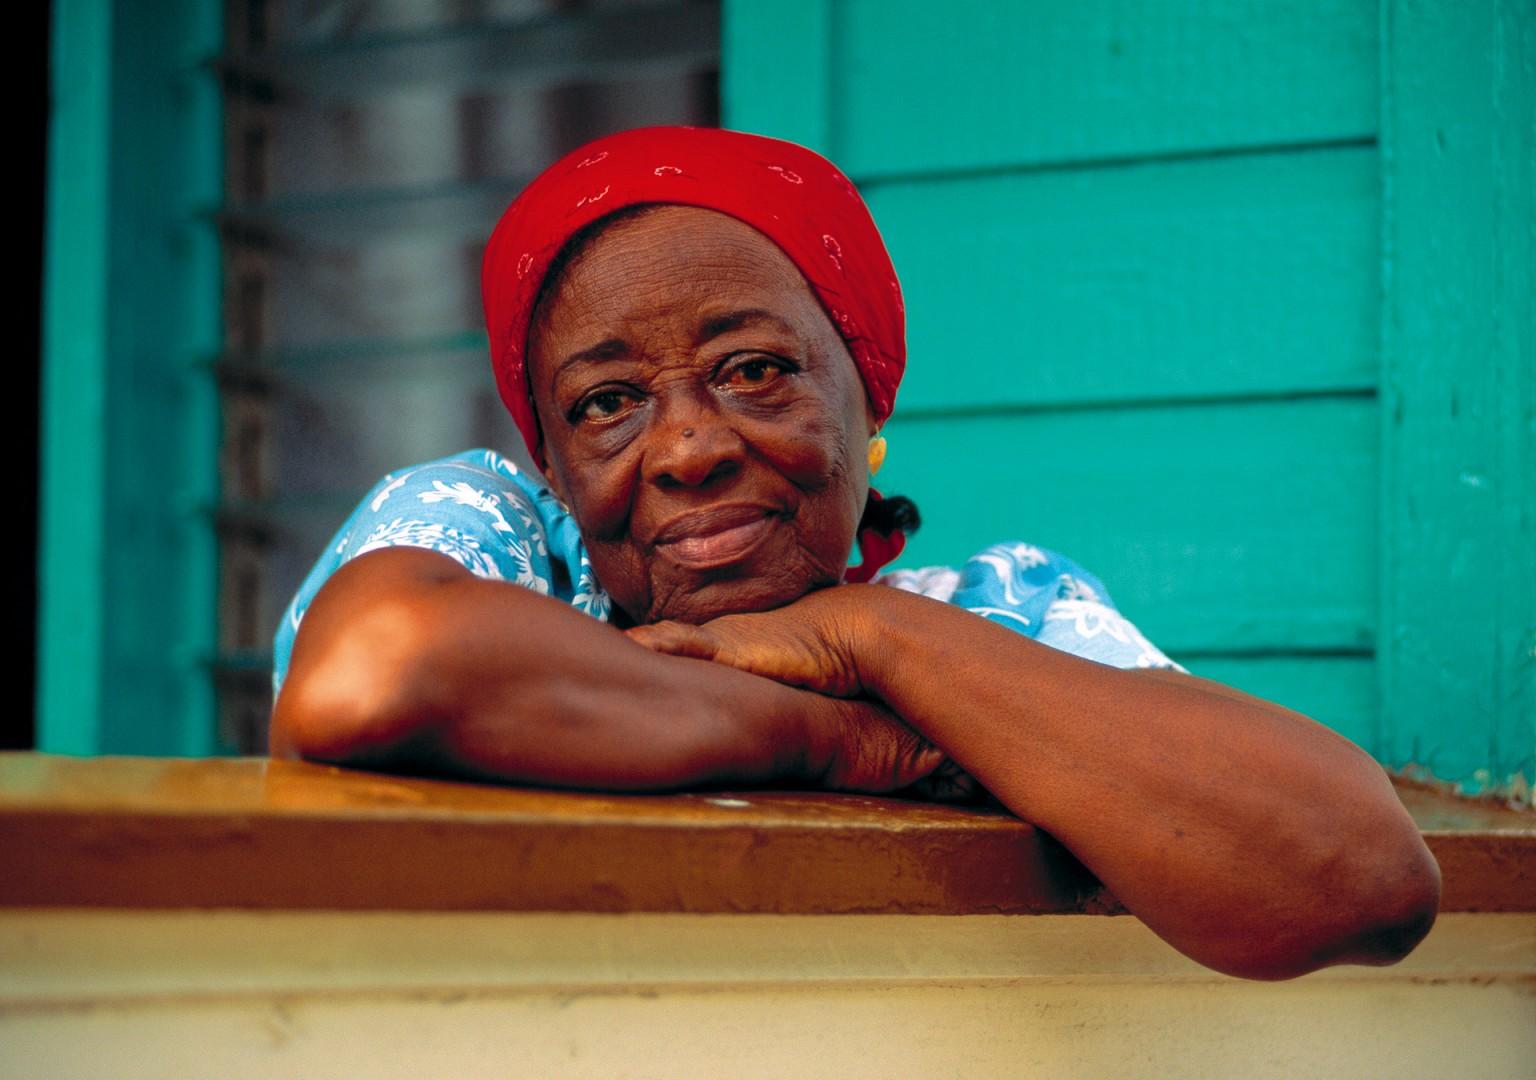 Caribbean Island Karibik auf der Insel Antigua Portrait einer alte Dame mit rotem Kopftuch